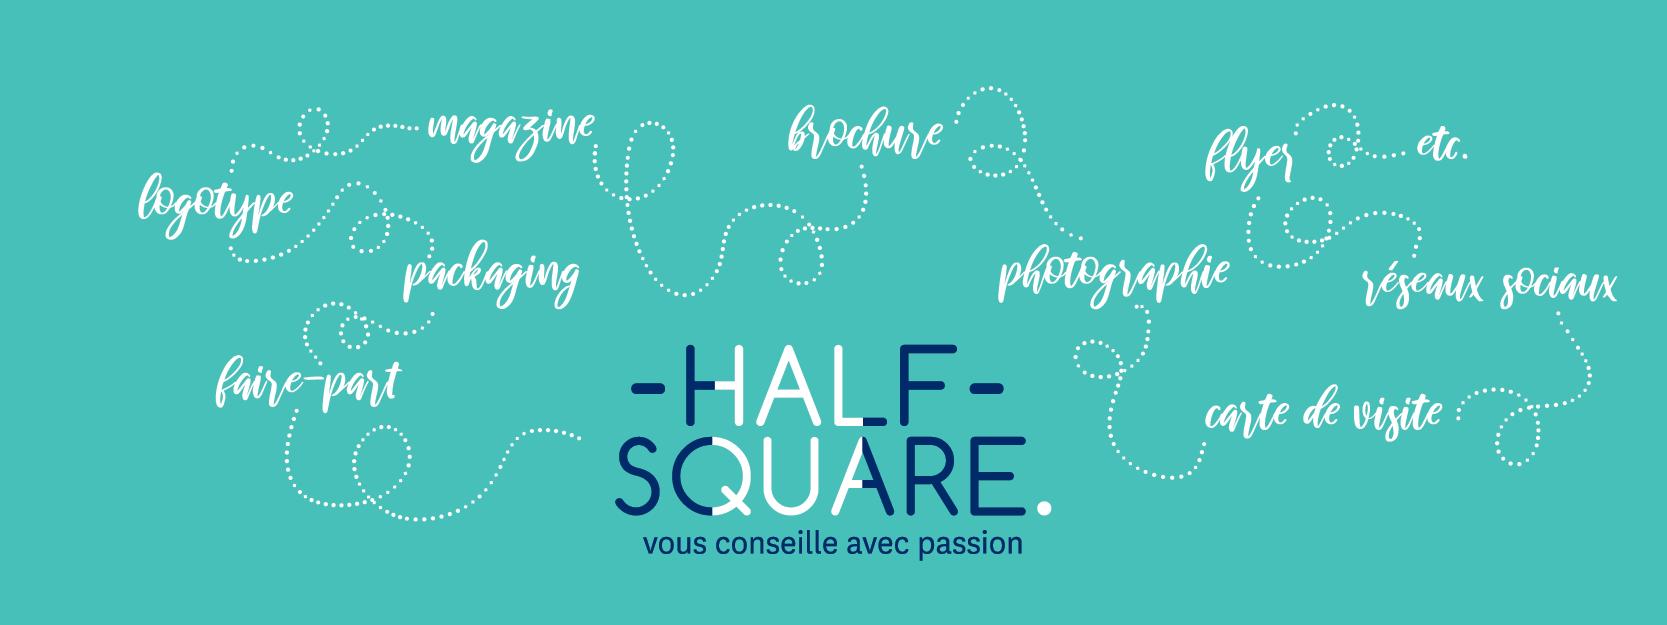 Half-Square-Website-Banner